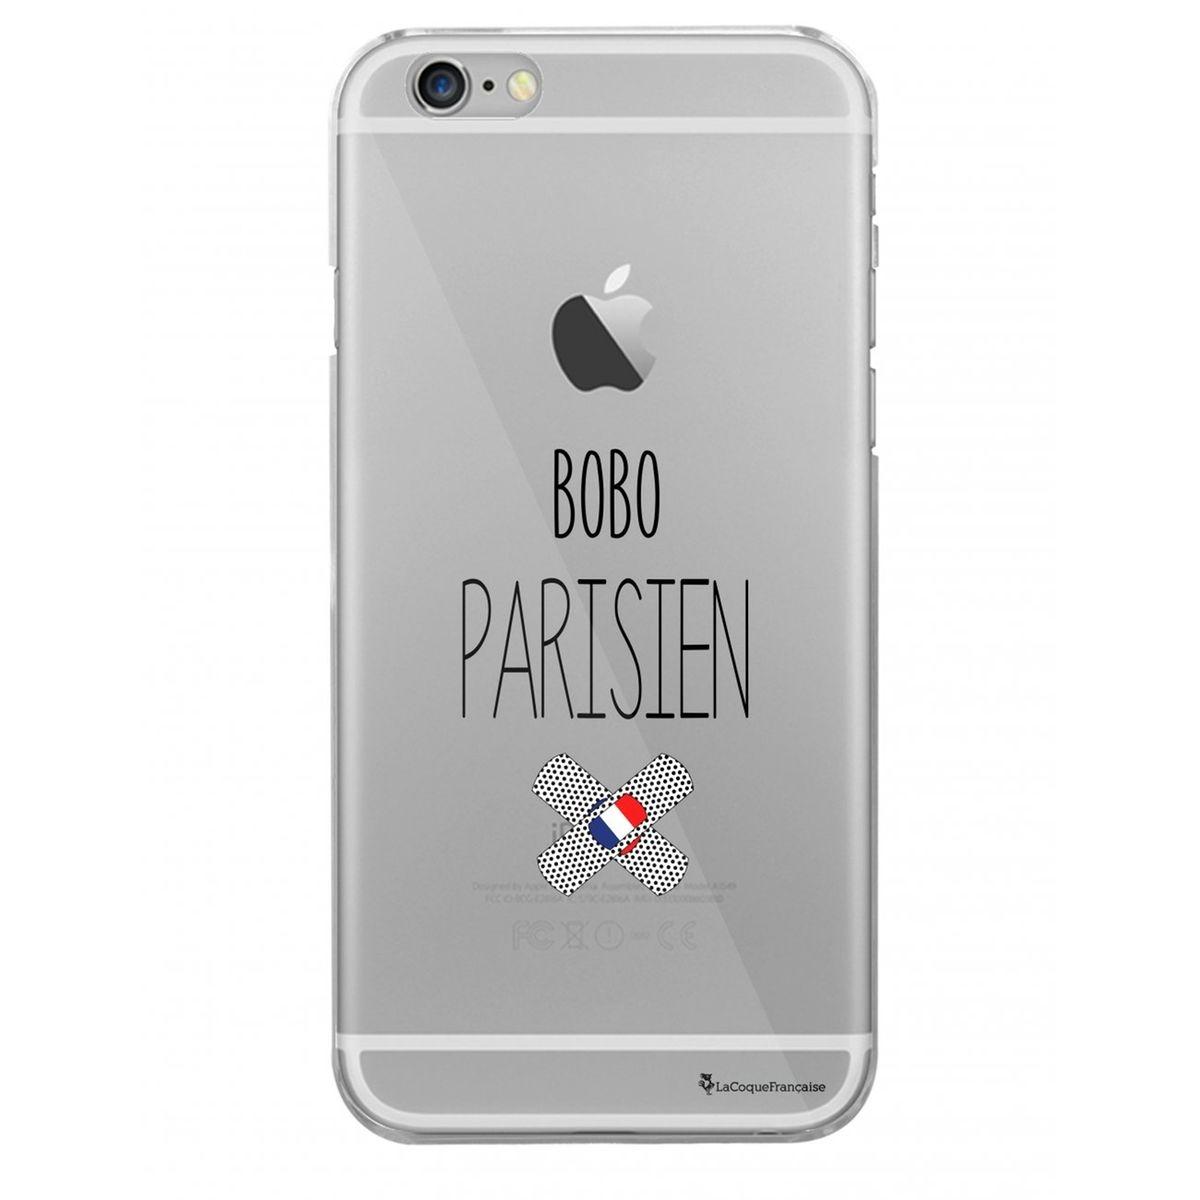 Coque iPhone 6 Plus / 6S Plus rigide transparente, Bobo parisien, La Coque Francaise®